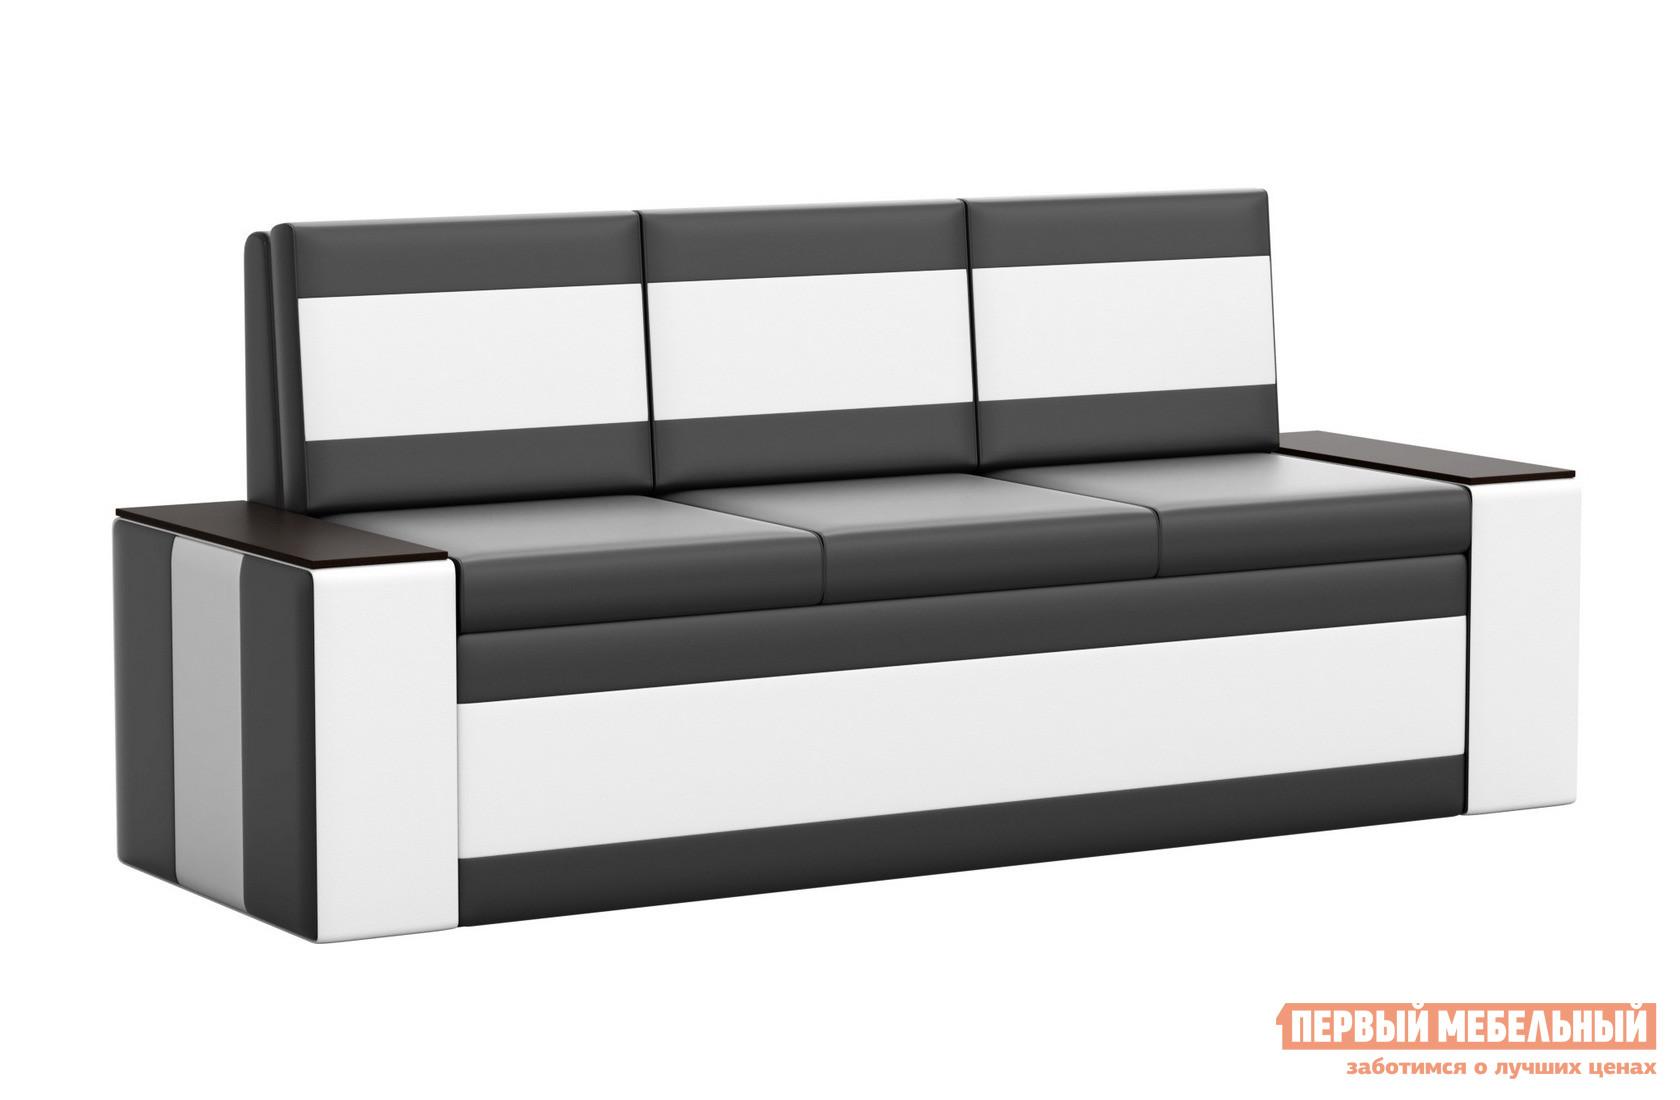 Прямой раскладывающийся диван для кухни со спальным местом Мебелико Кухонный диван Лина эко-кожа